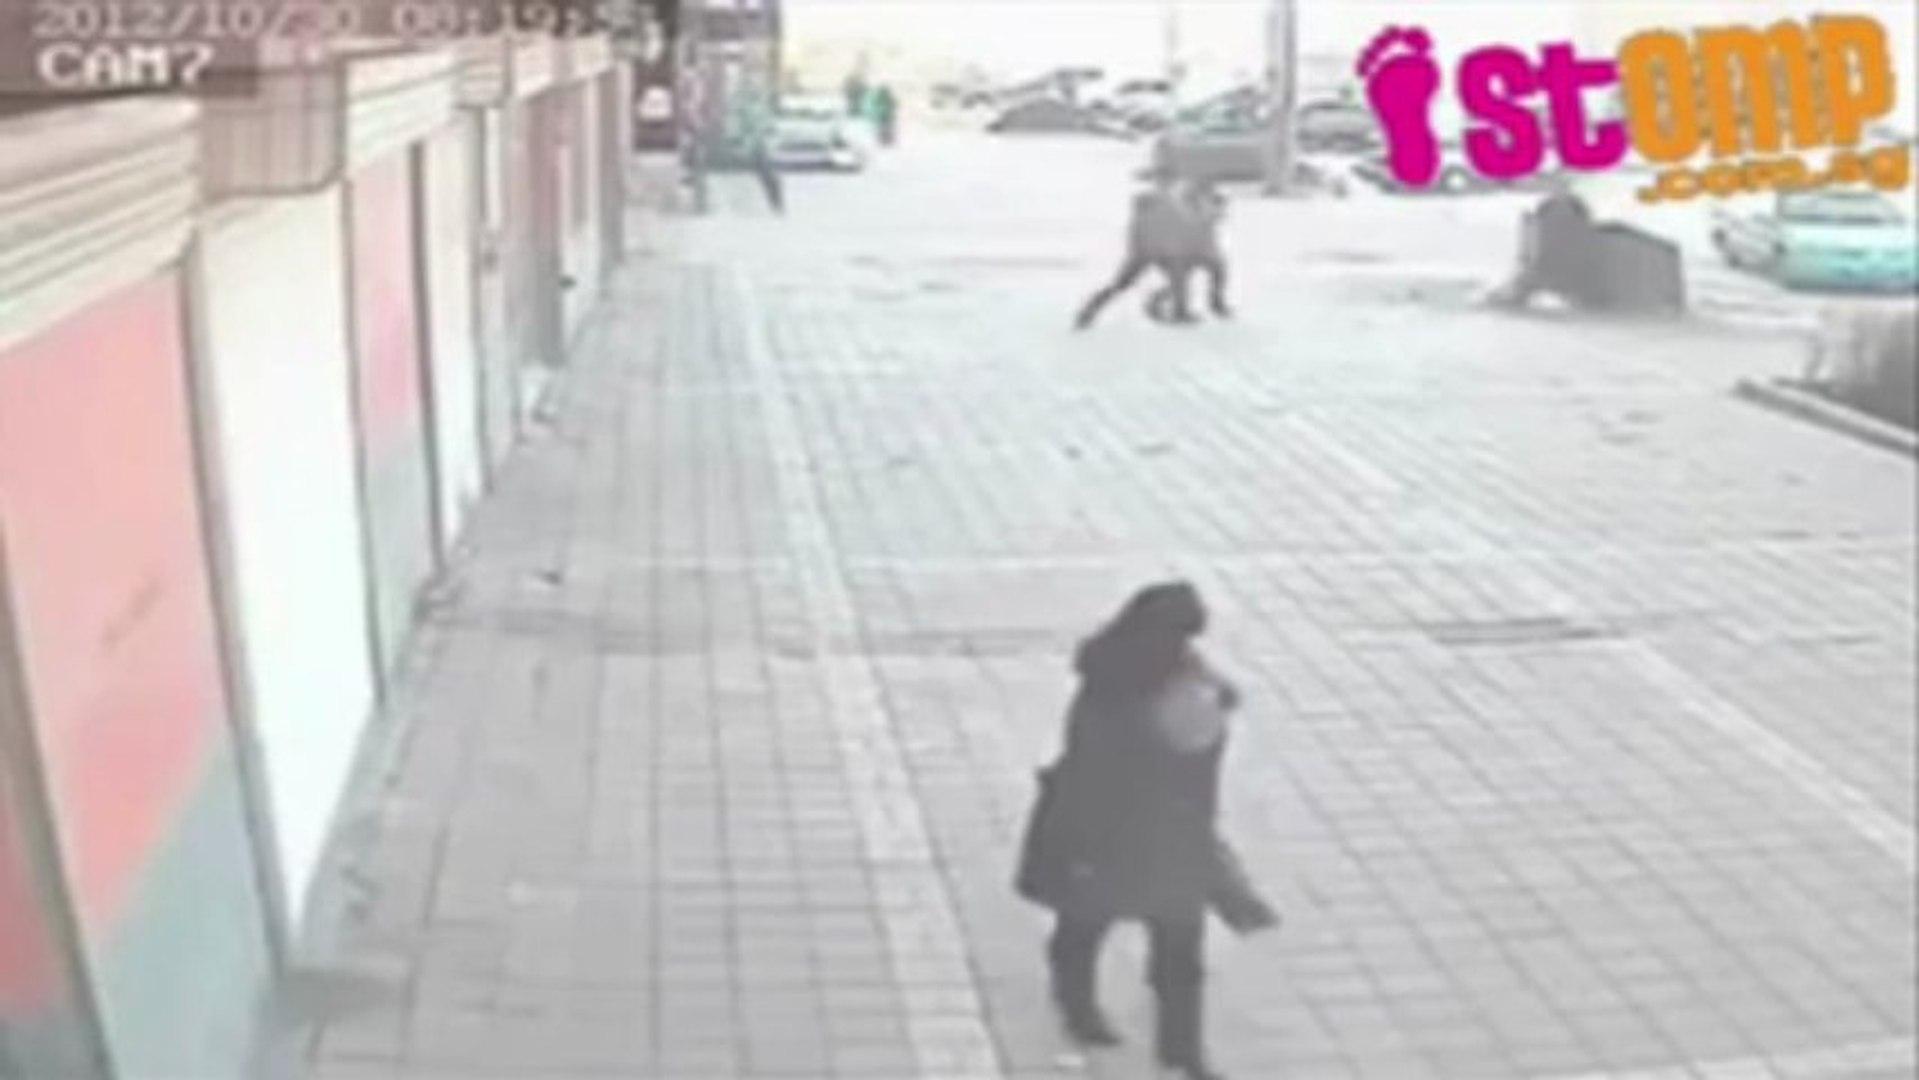 Kinh hoàng cảnh đốt bạn gái giữa phố